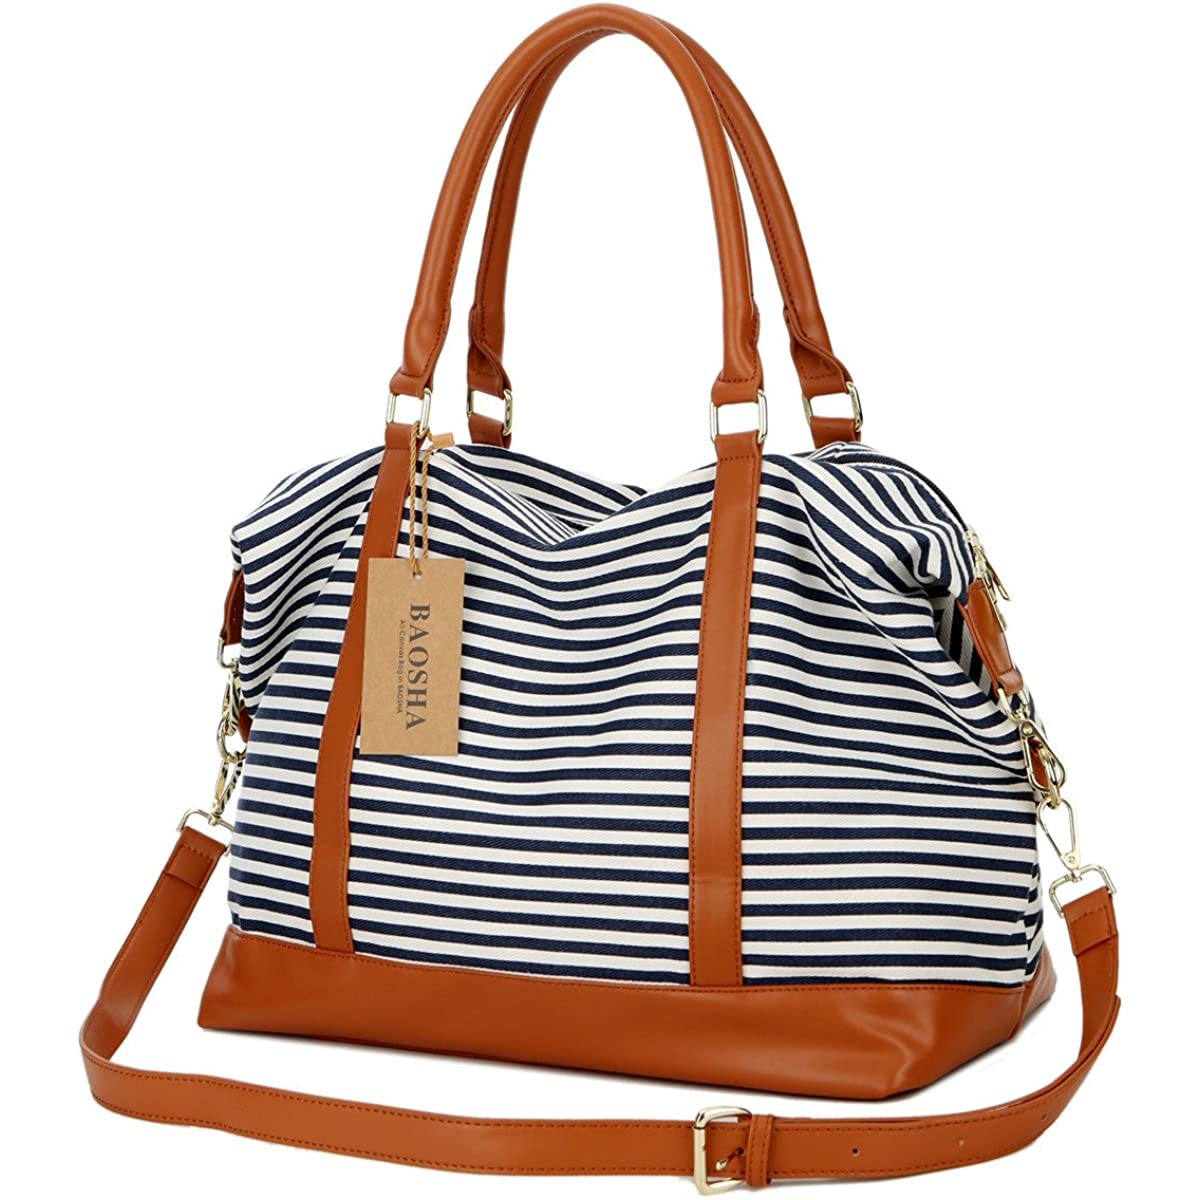 Reisetaschen sind in ganz unterschiedlichen Designs erhältlich.